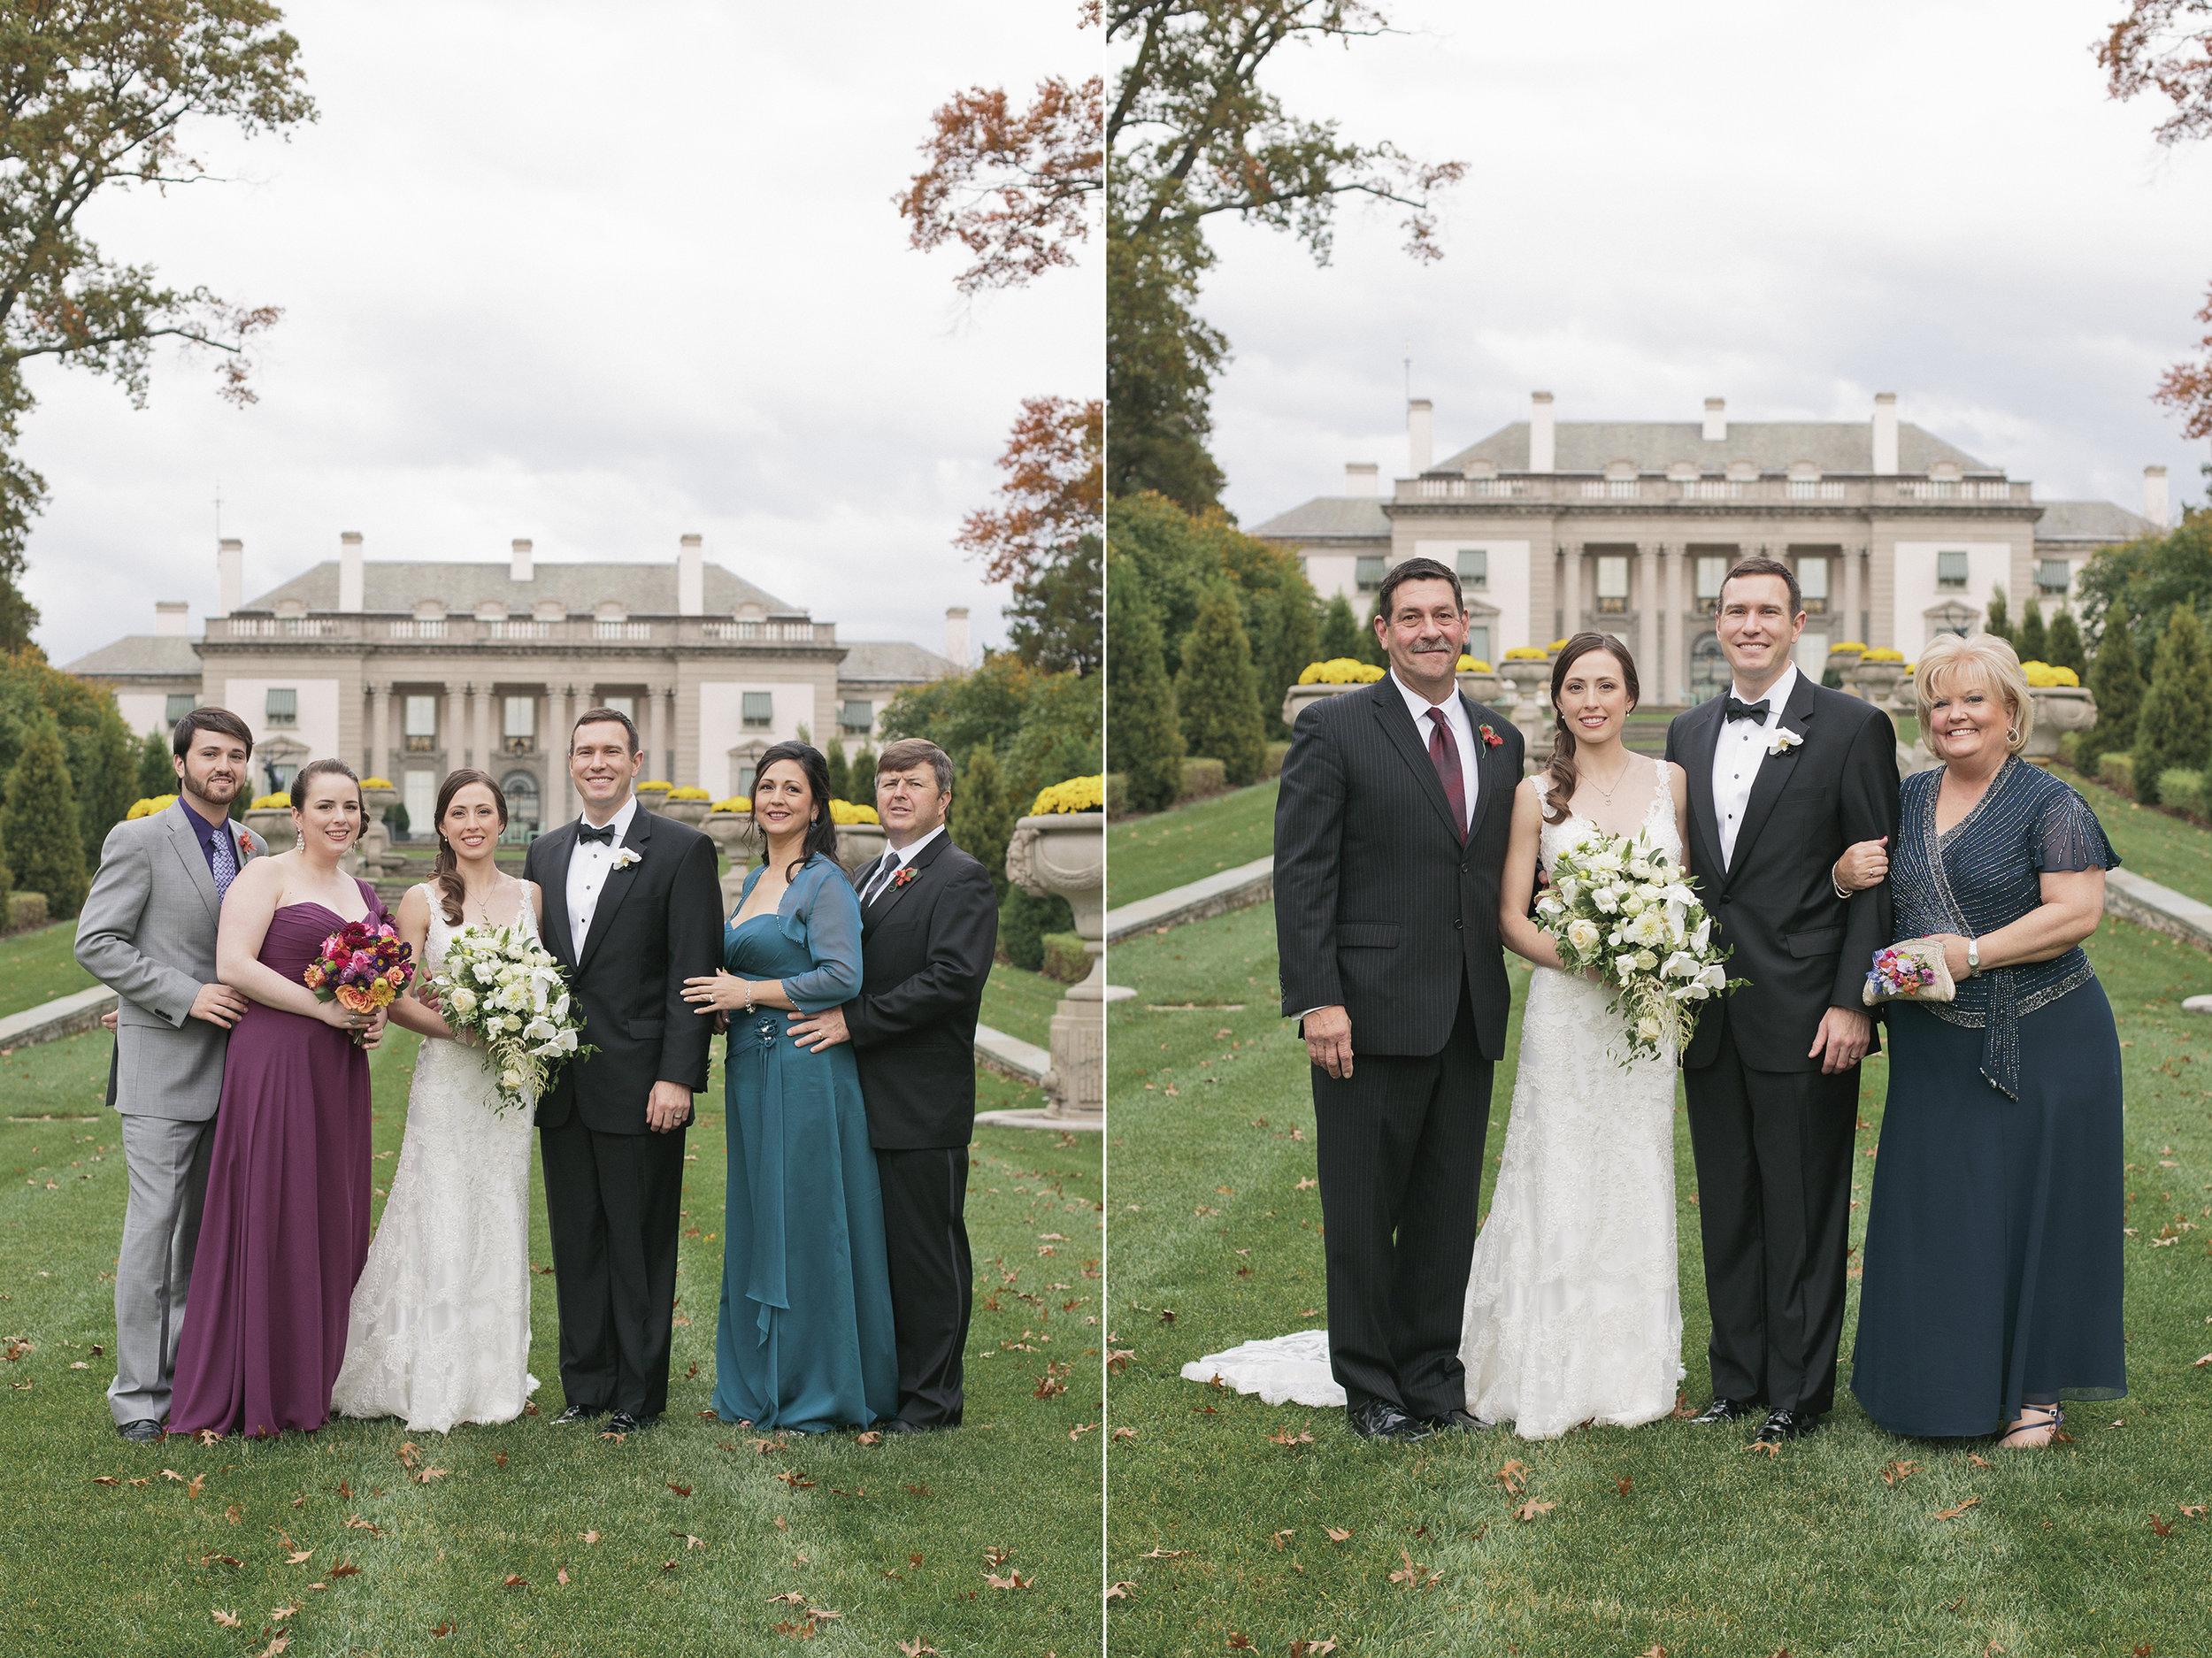 Nemours-Delaware-Art-Museum-Fall-Film-Wedding-Photographer-035.jpg